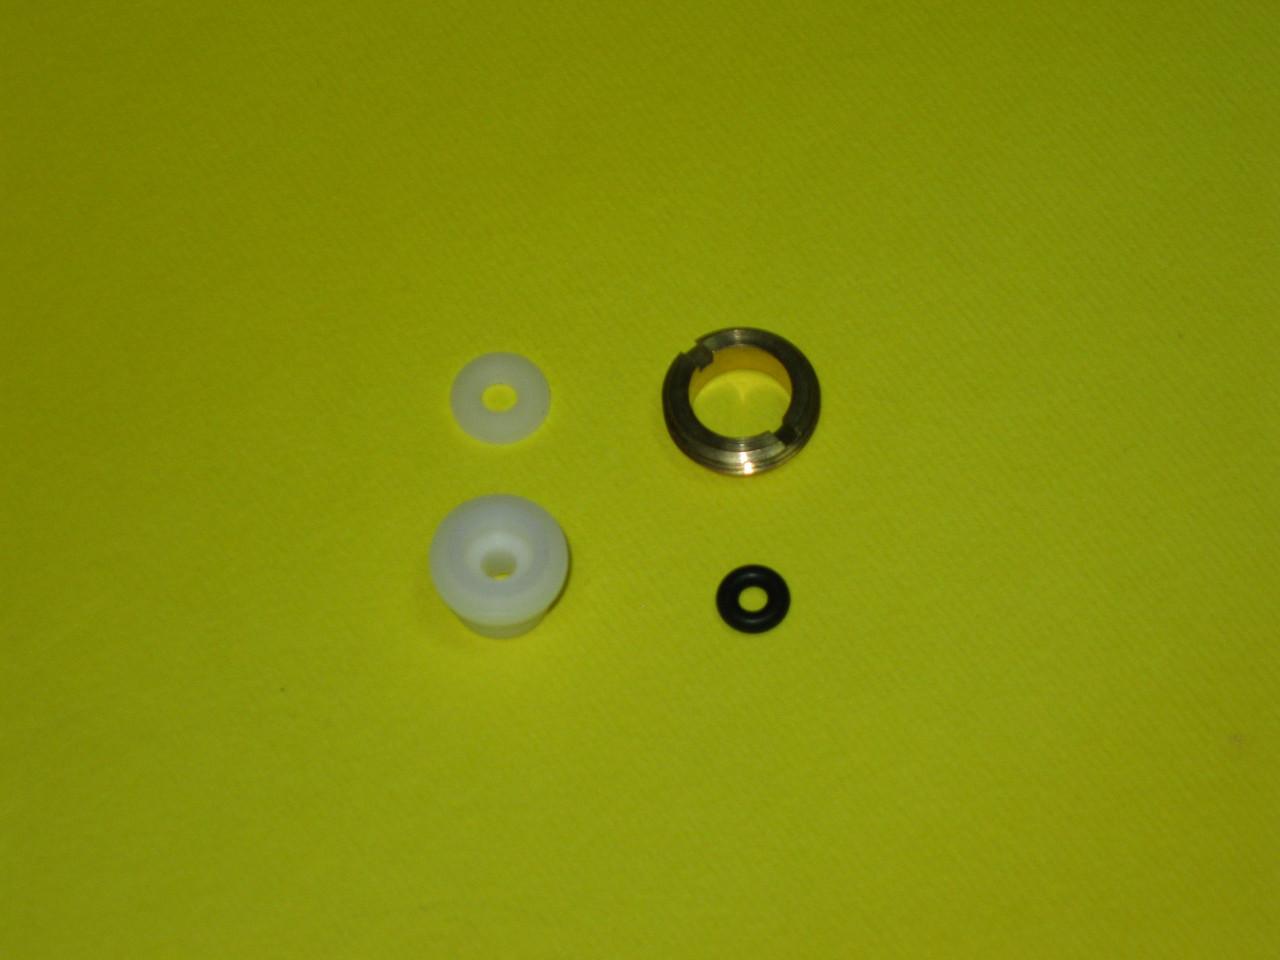 Втулка фторопластовая (комплект) трехходового клапана  403000011A Sime Format.Zip